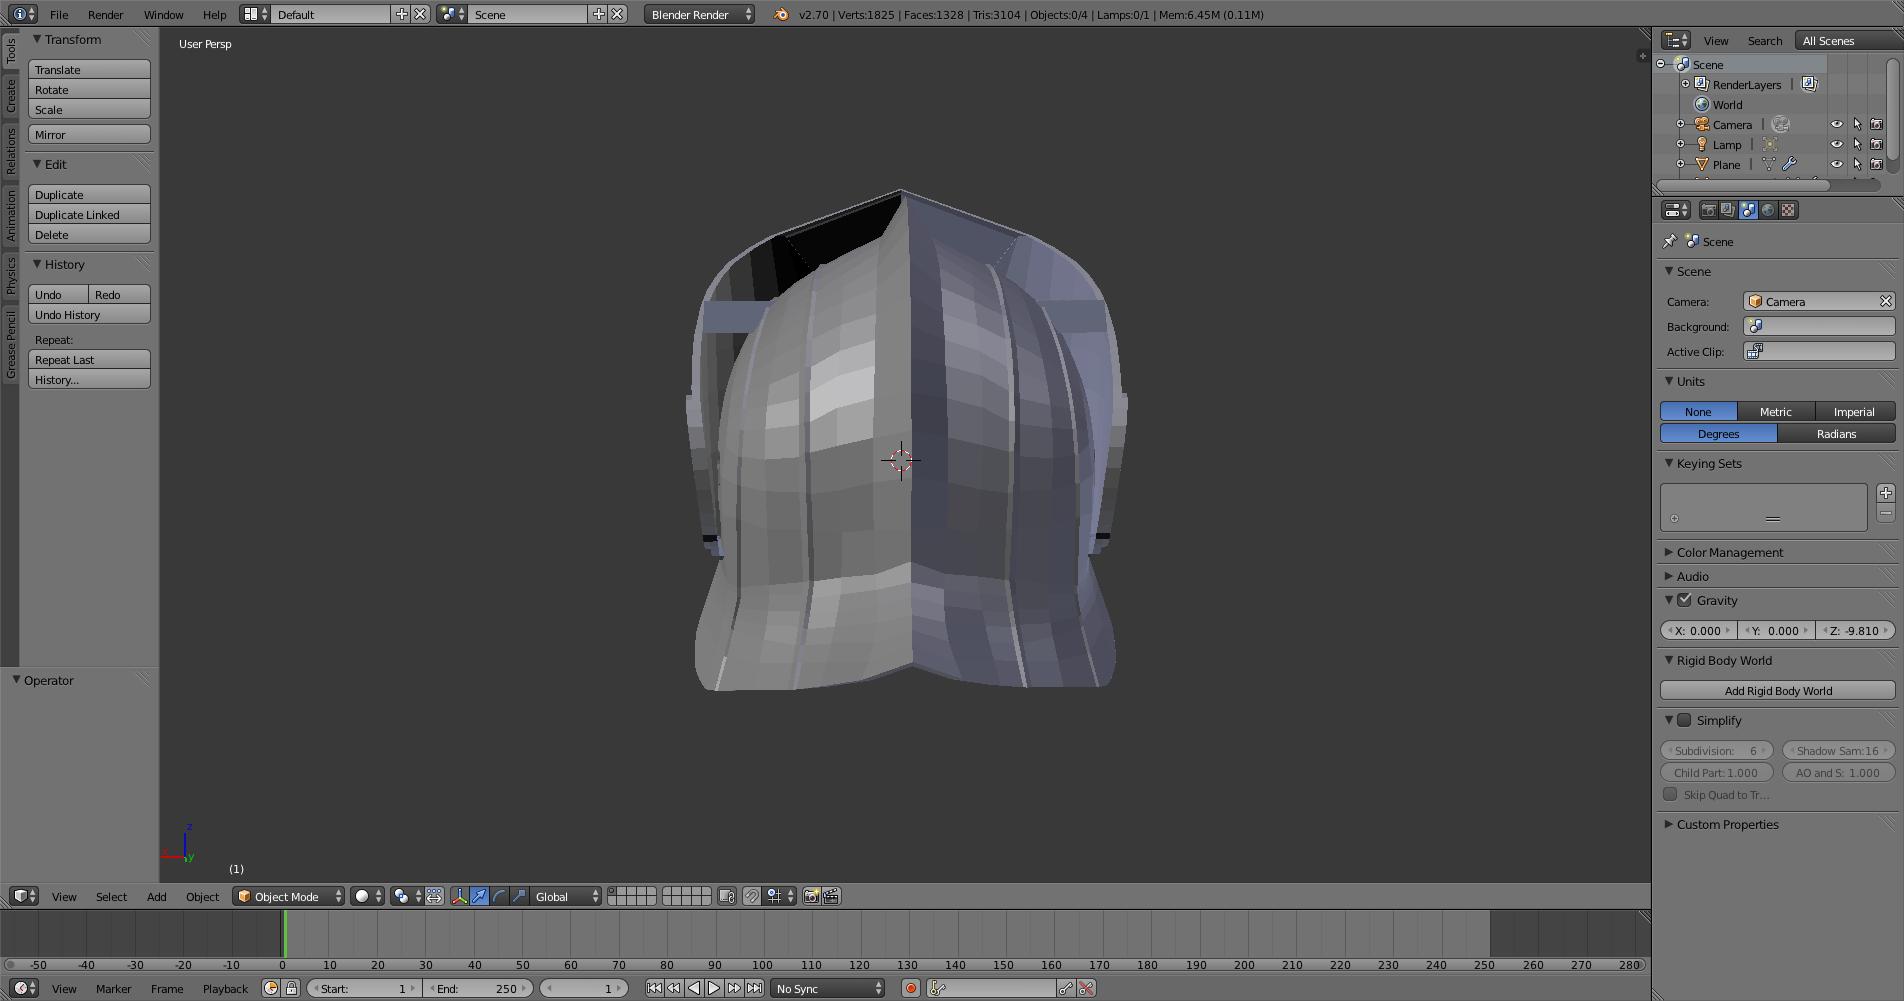 Lawbringer-Helmet2 .blend.png